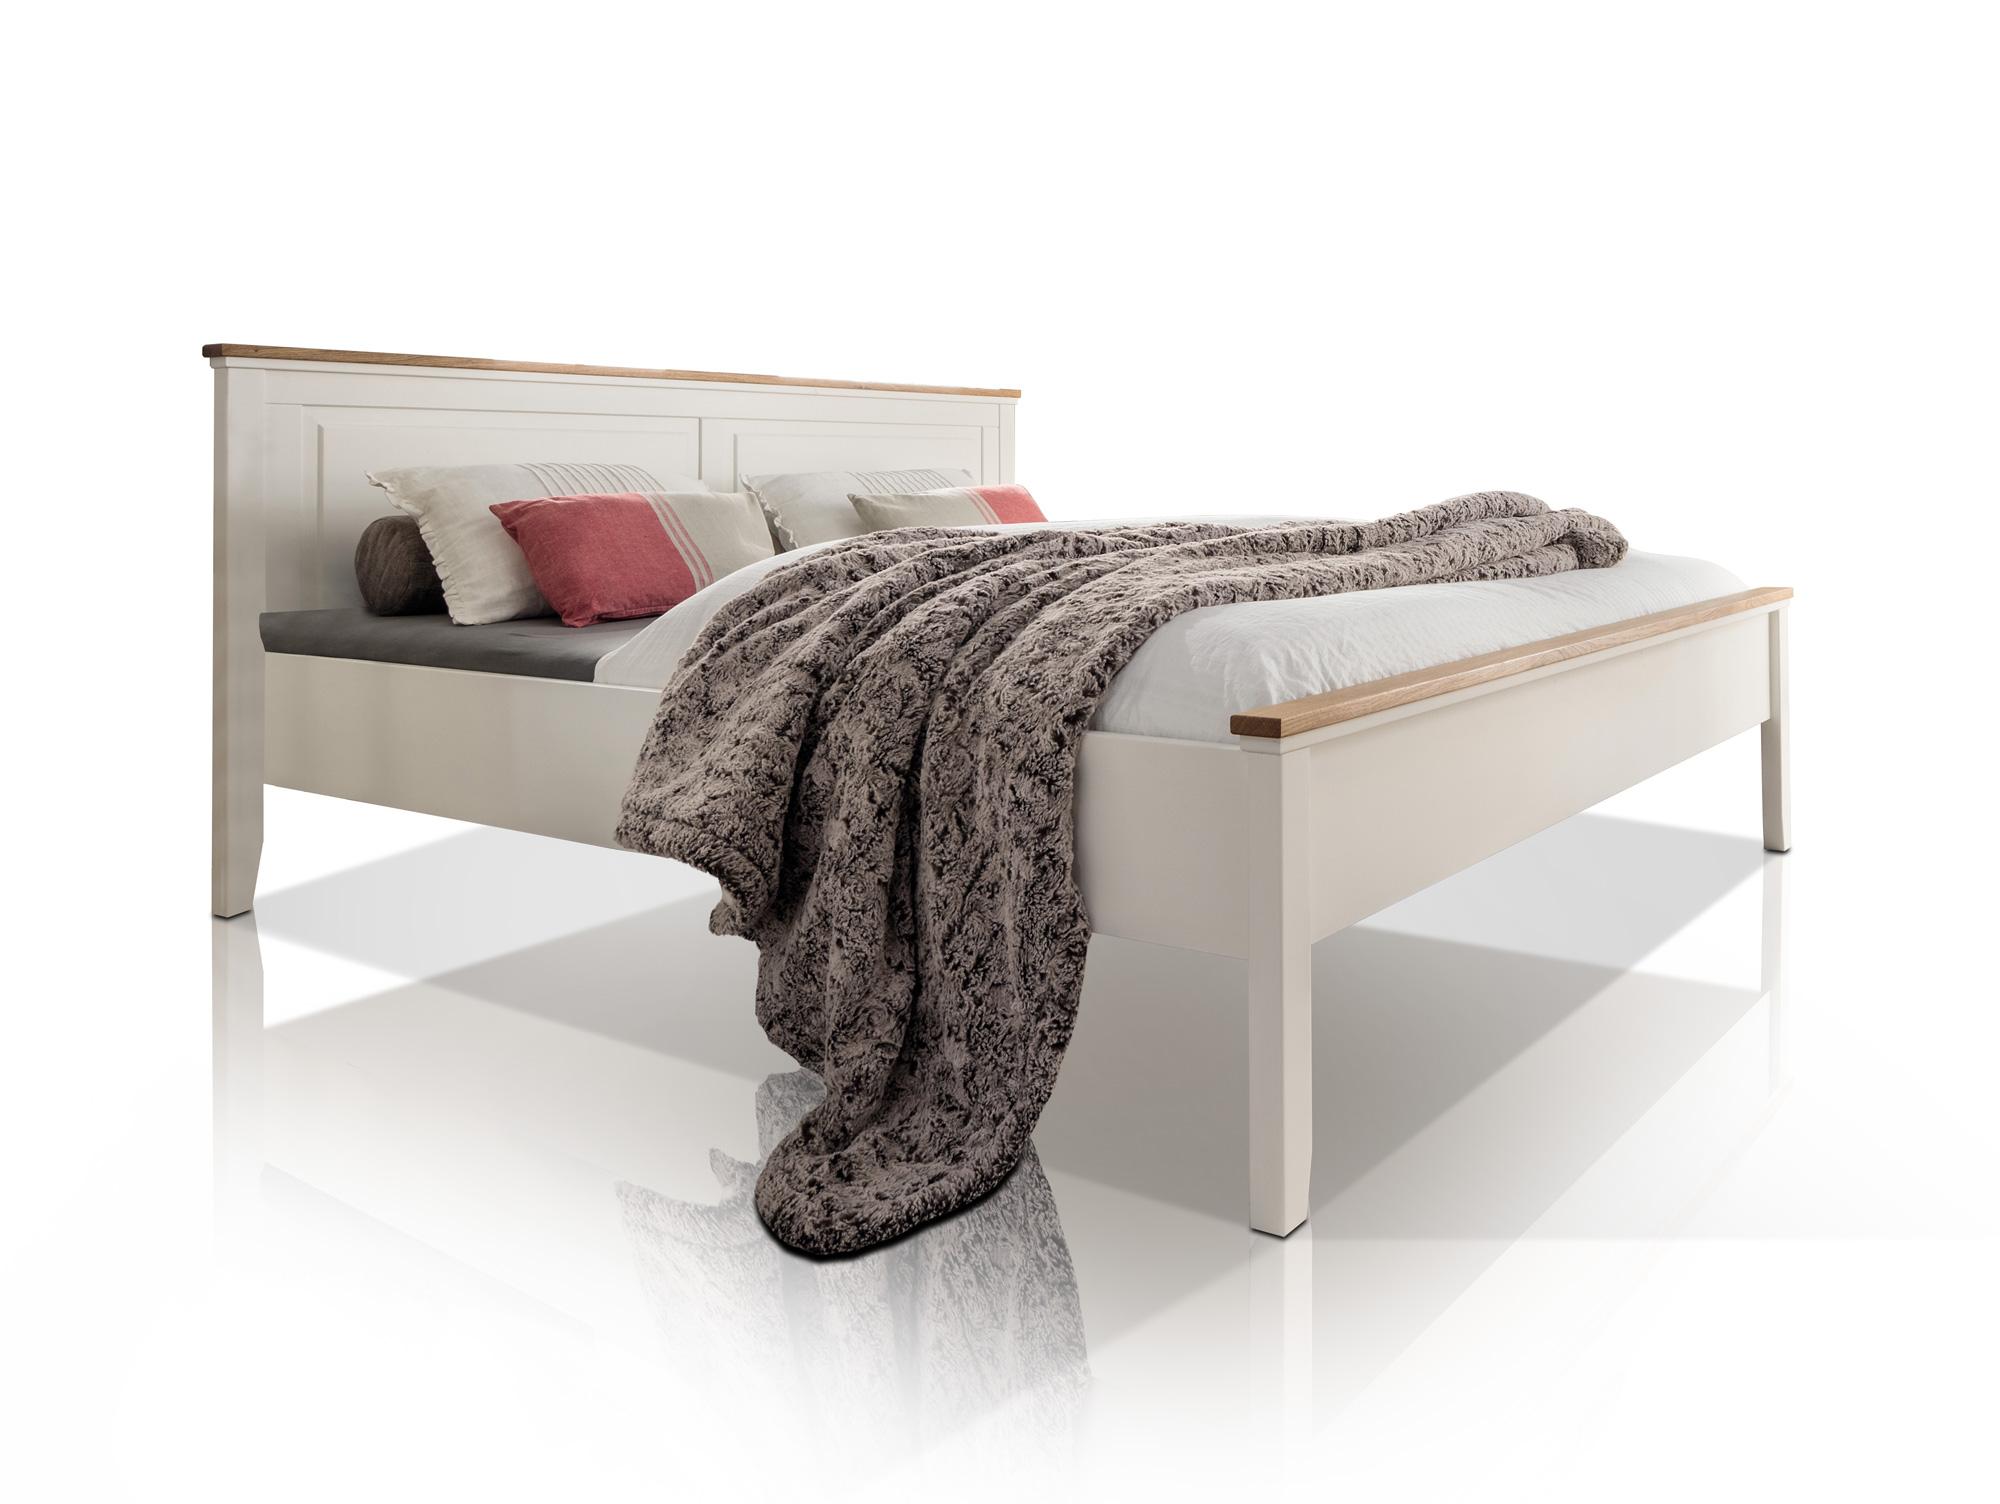 emilia doppelbett 180x200 cm kiefer creme eiche massiv. Black Bedroom Furniture Sets. Home Design Ideas